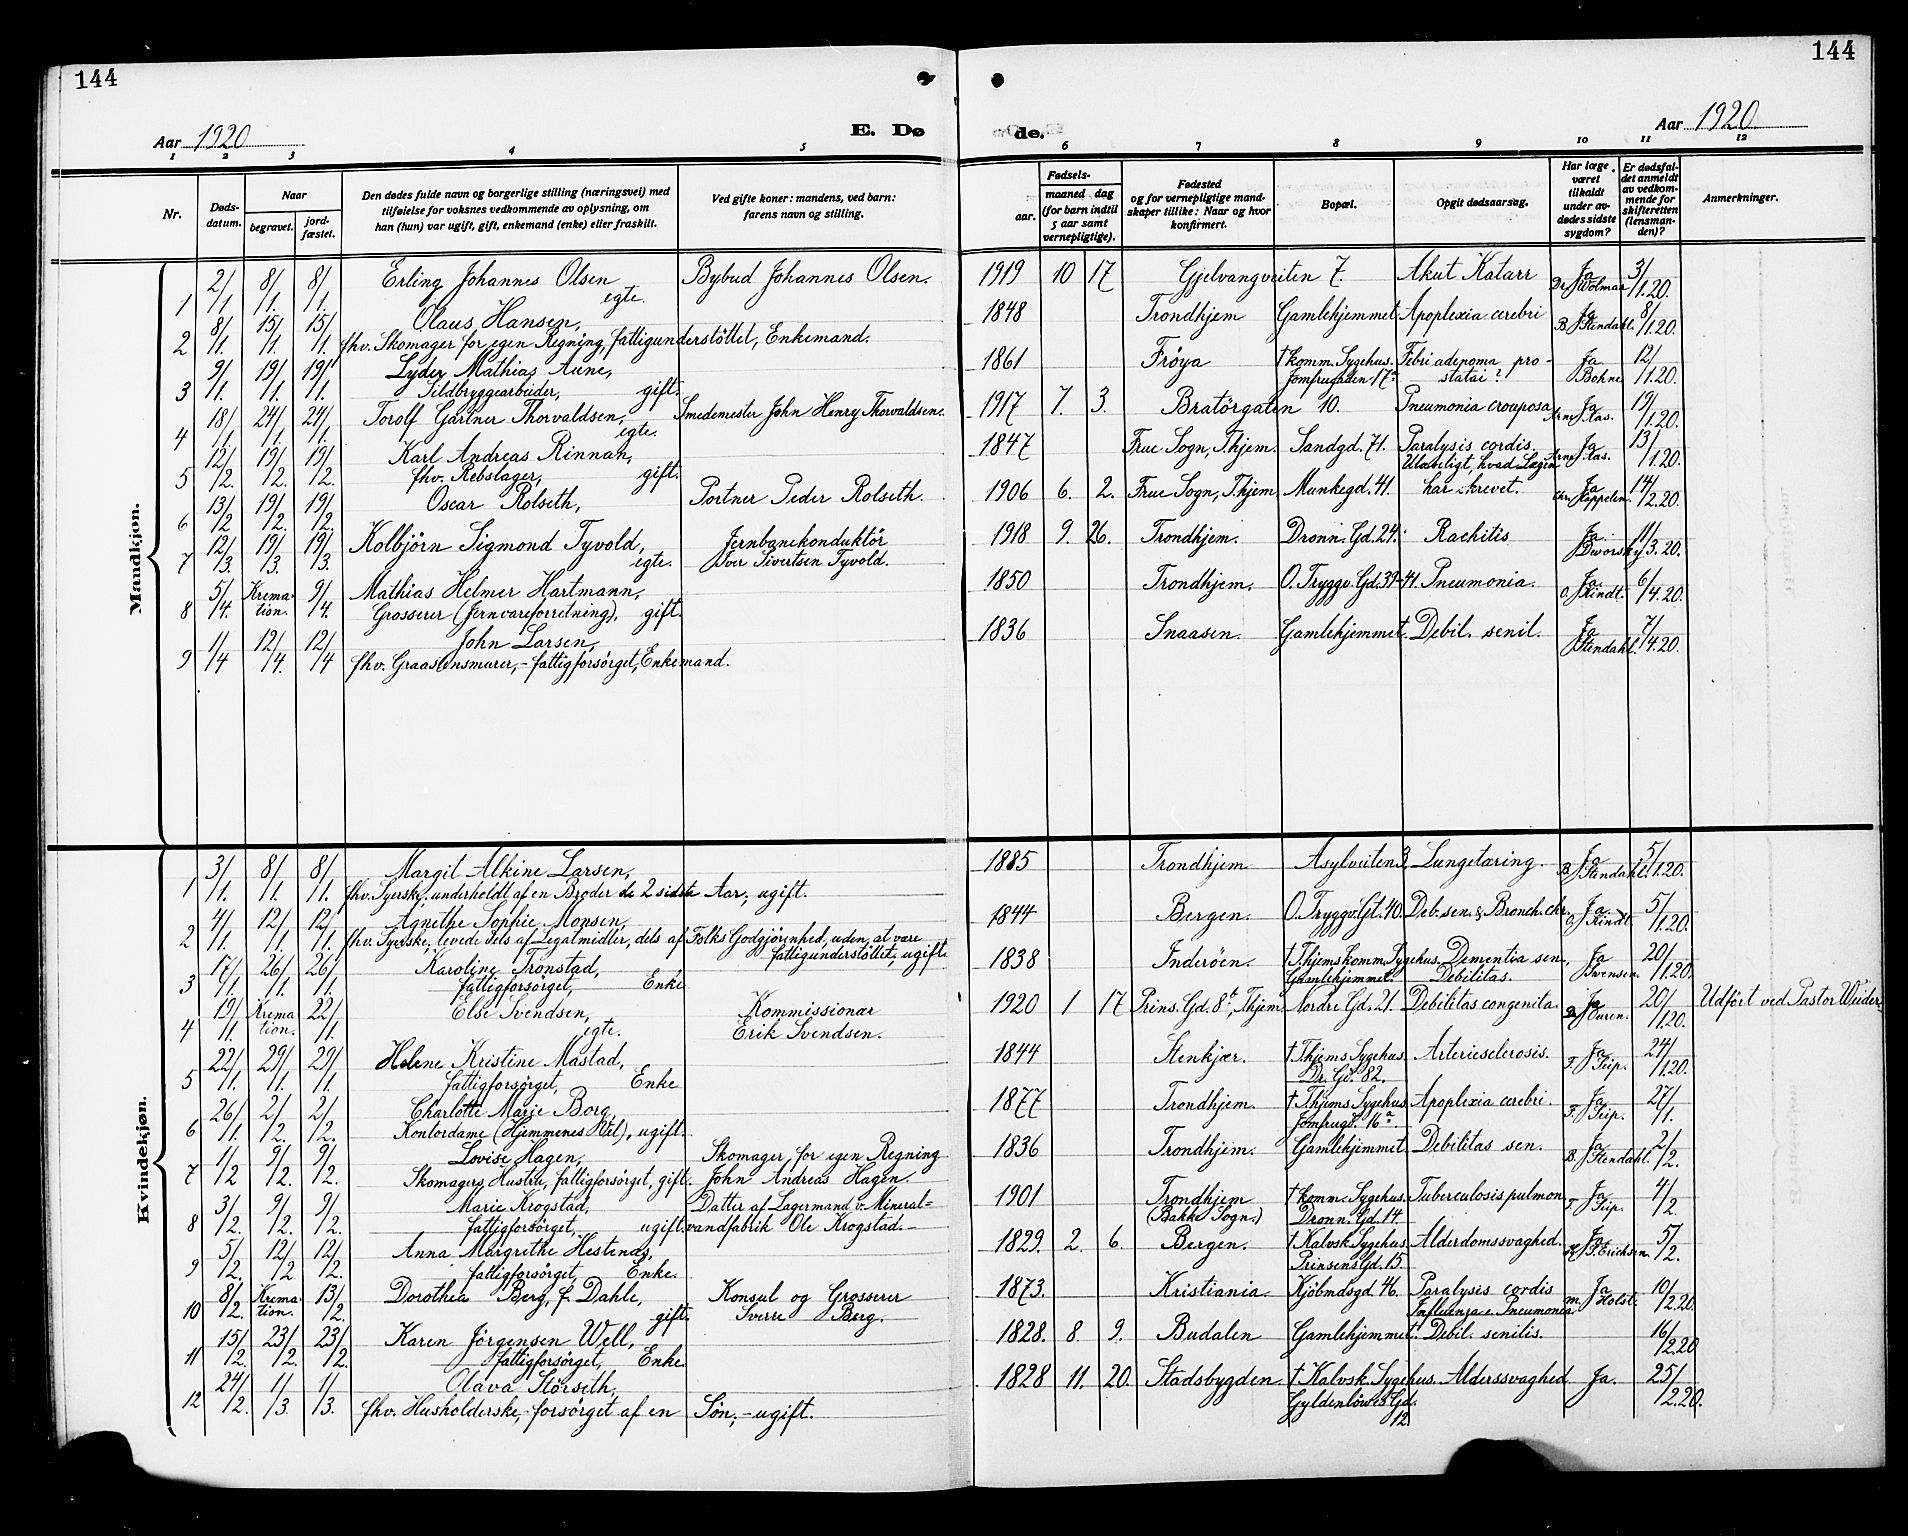 SAT, Ministerialprotokoller, klokkerbøker og fødselsregistre - Sør-Trøndelag, 602/L0147: Klokkerbok nr. 602C15, 1911-1924, s. 144